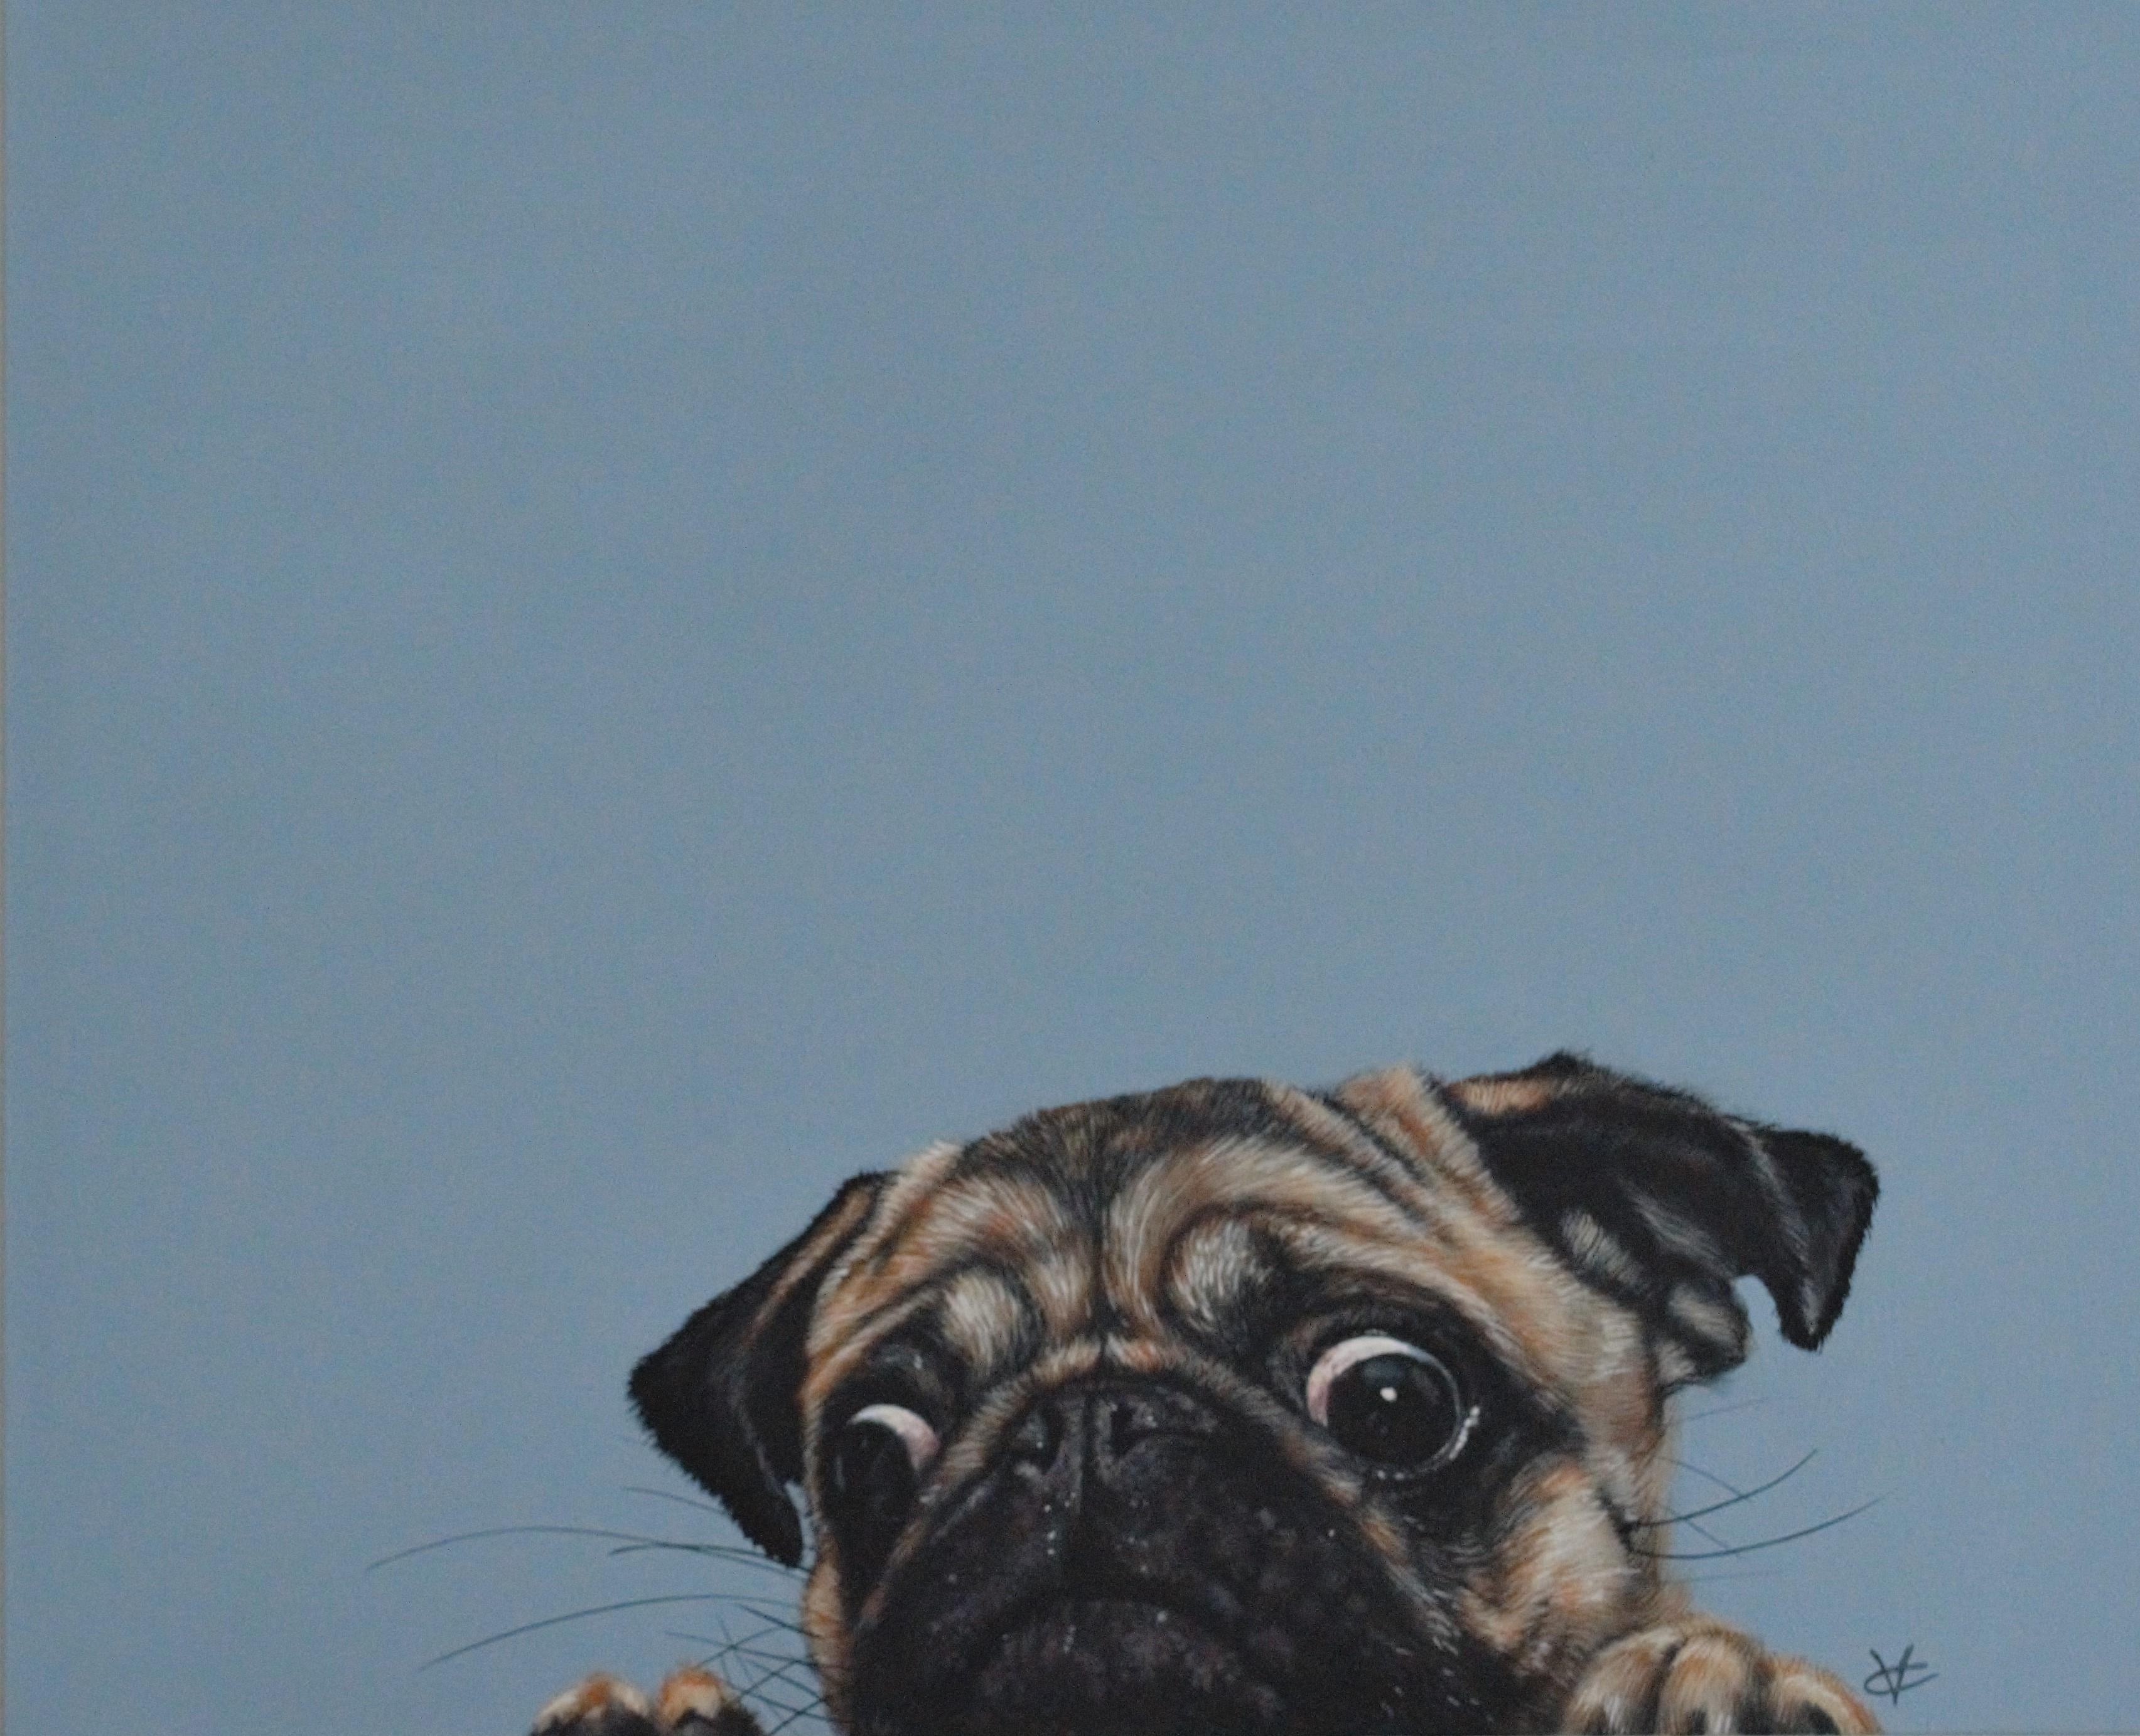 Peering Pug